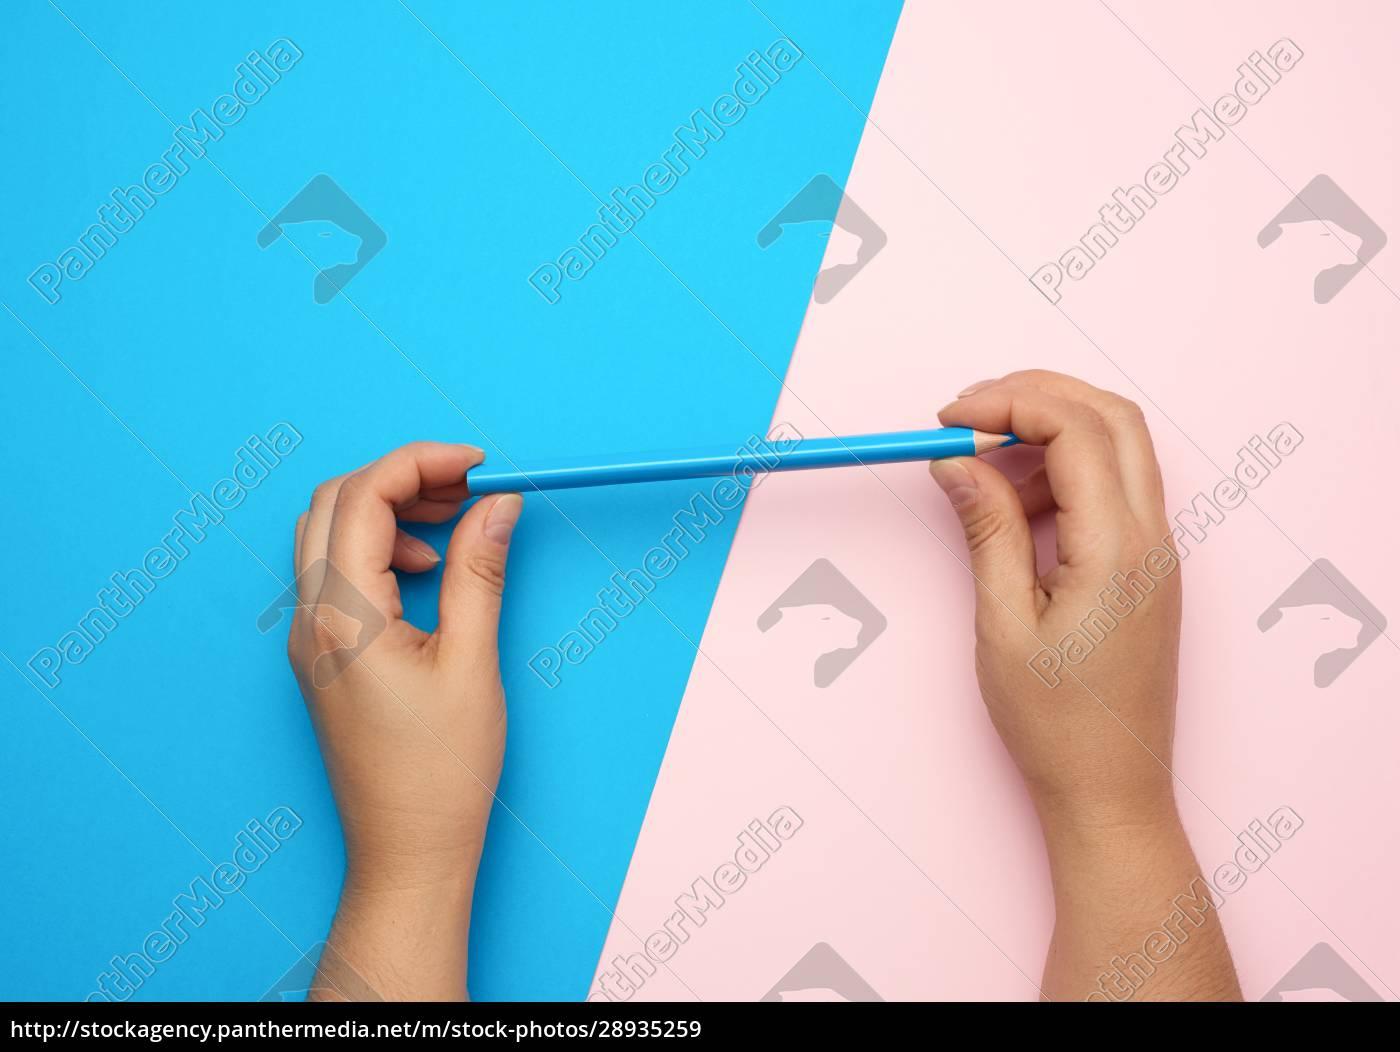 to, kvindelige, hænder, holde, en, blå - 28935259